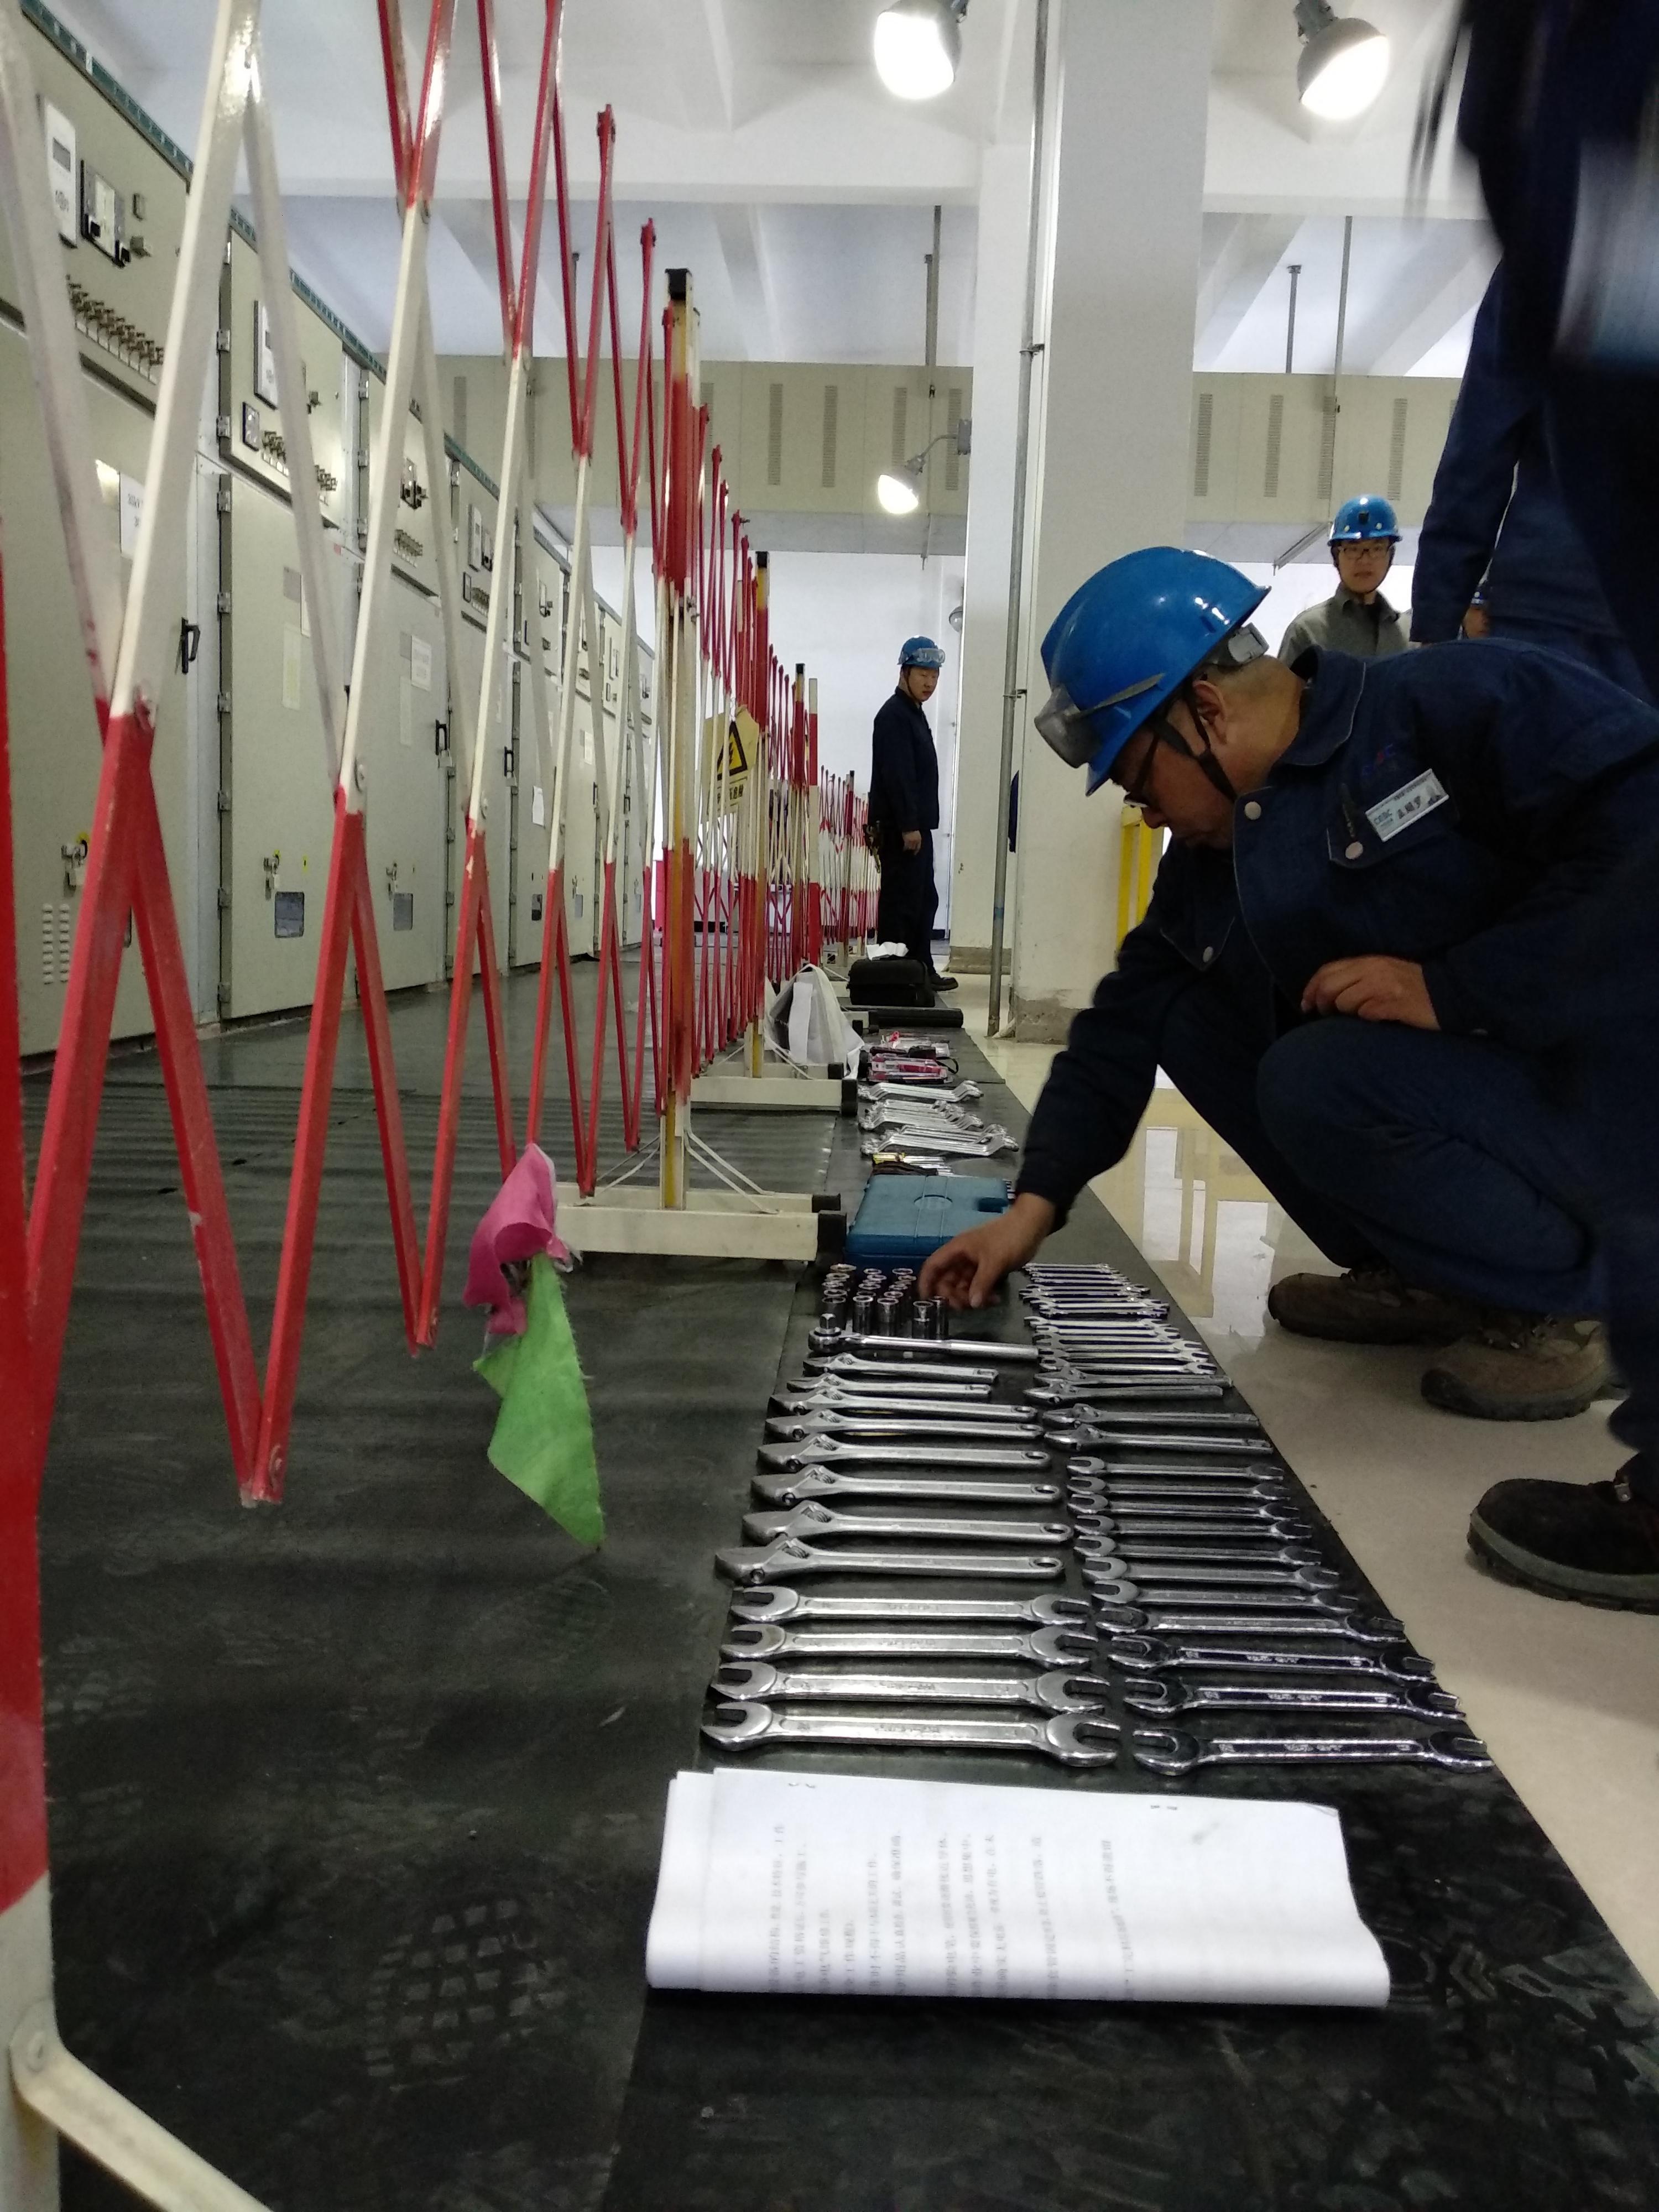 按操作步骤进行停电倒闸操作,布置安全措施,为下步母线检修做好准备.